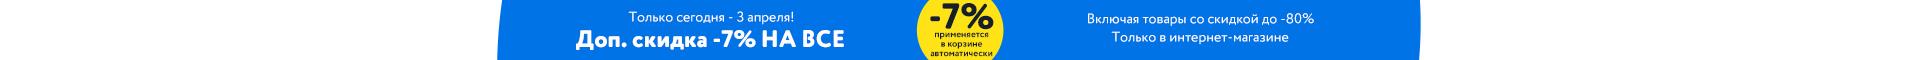 Доп 7% в корзине сквозной